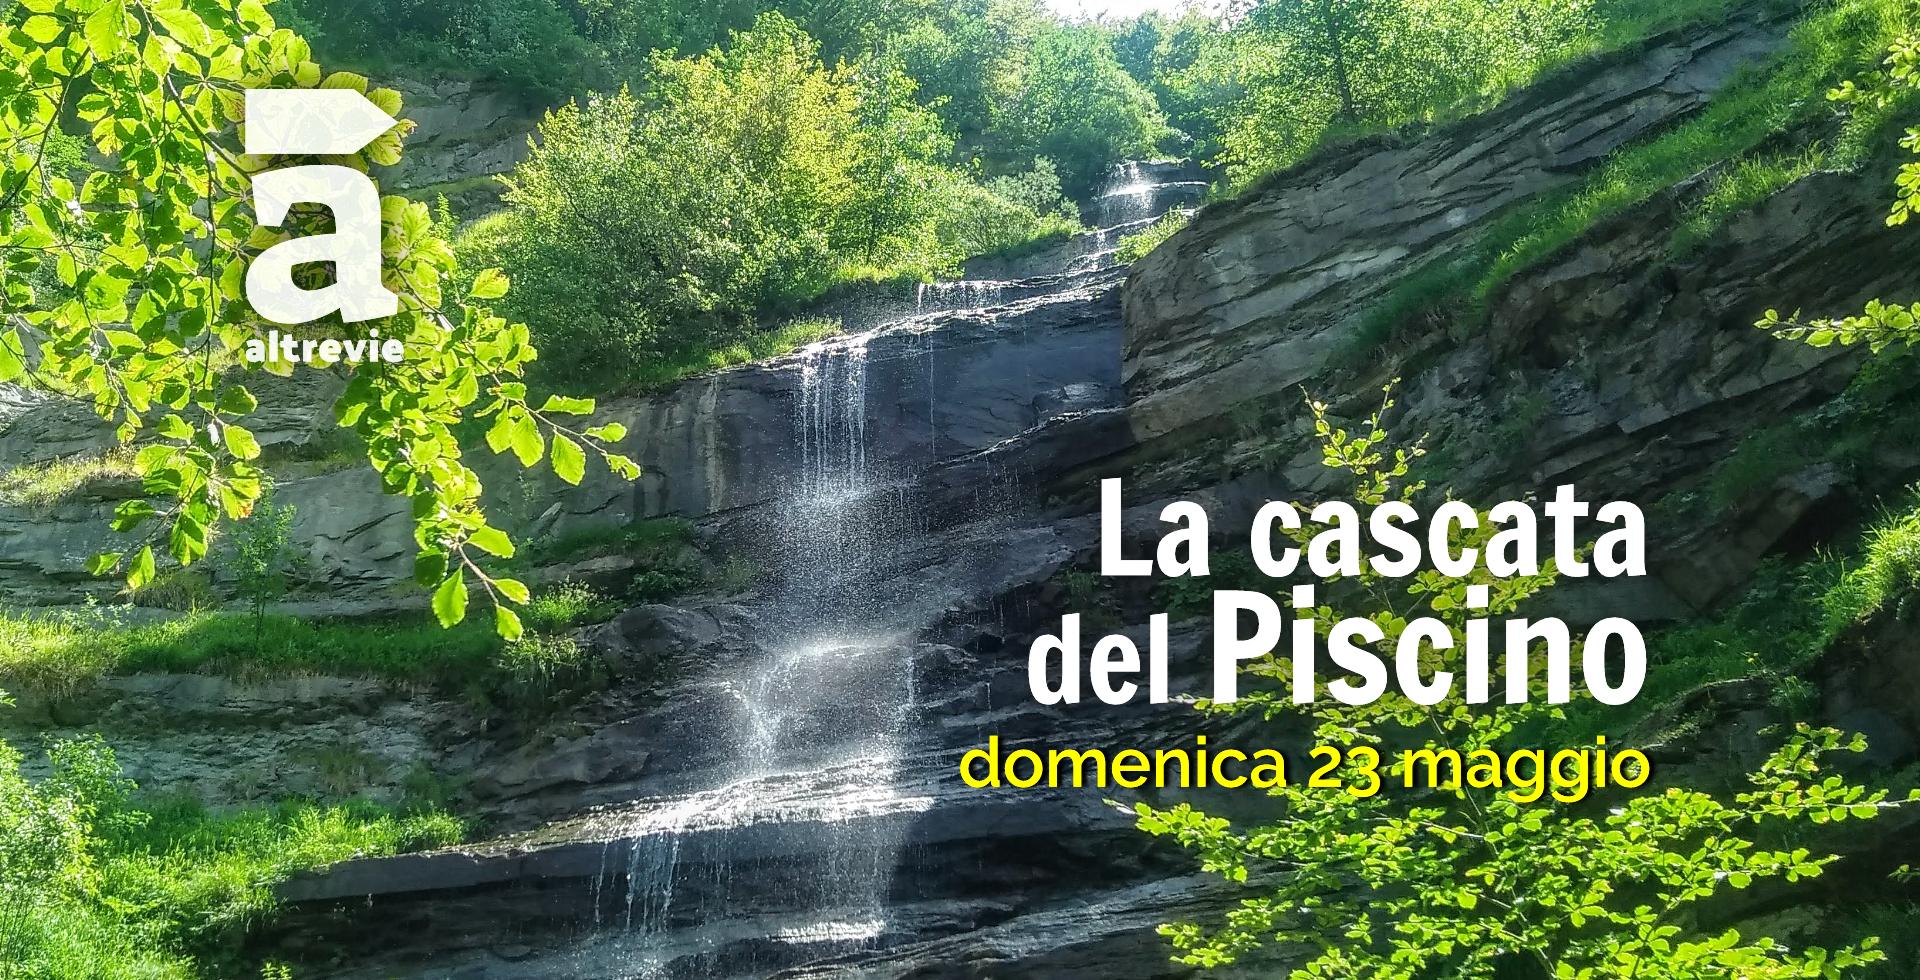 La Cascata del Piscino (1).jpg